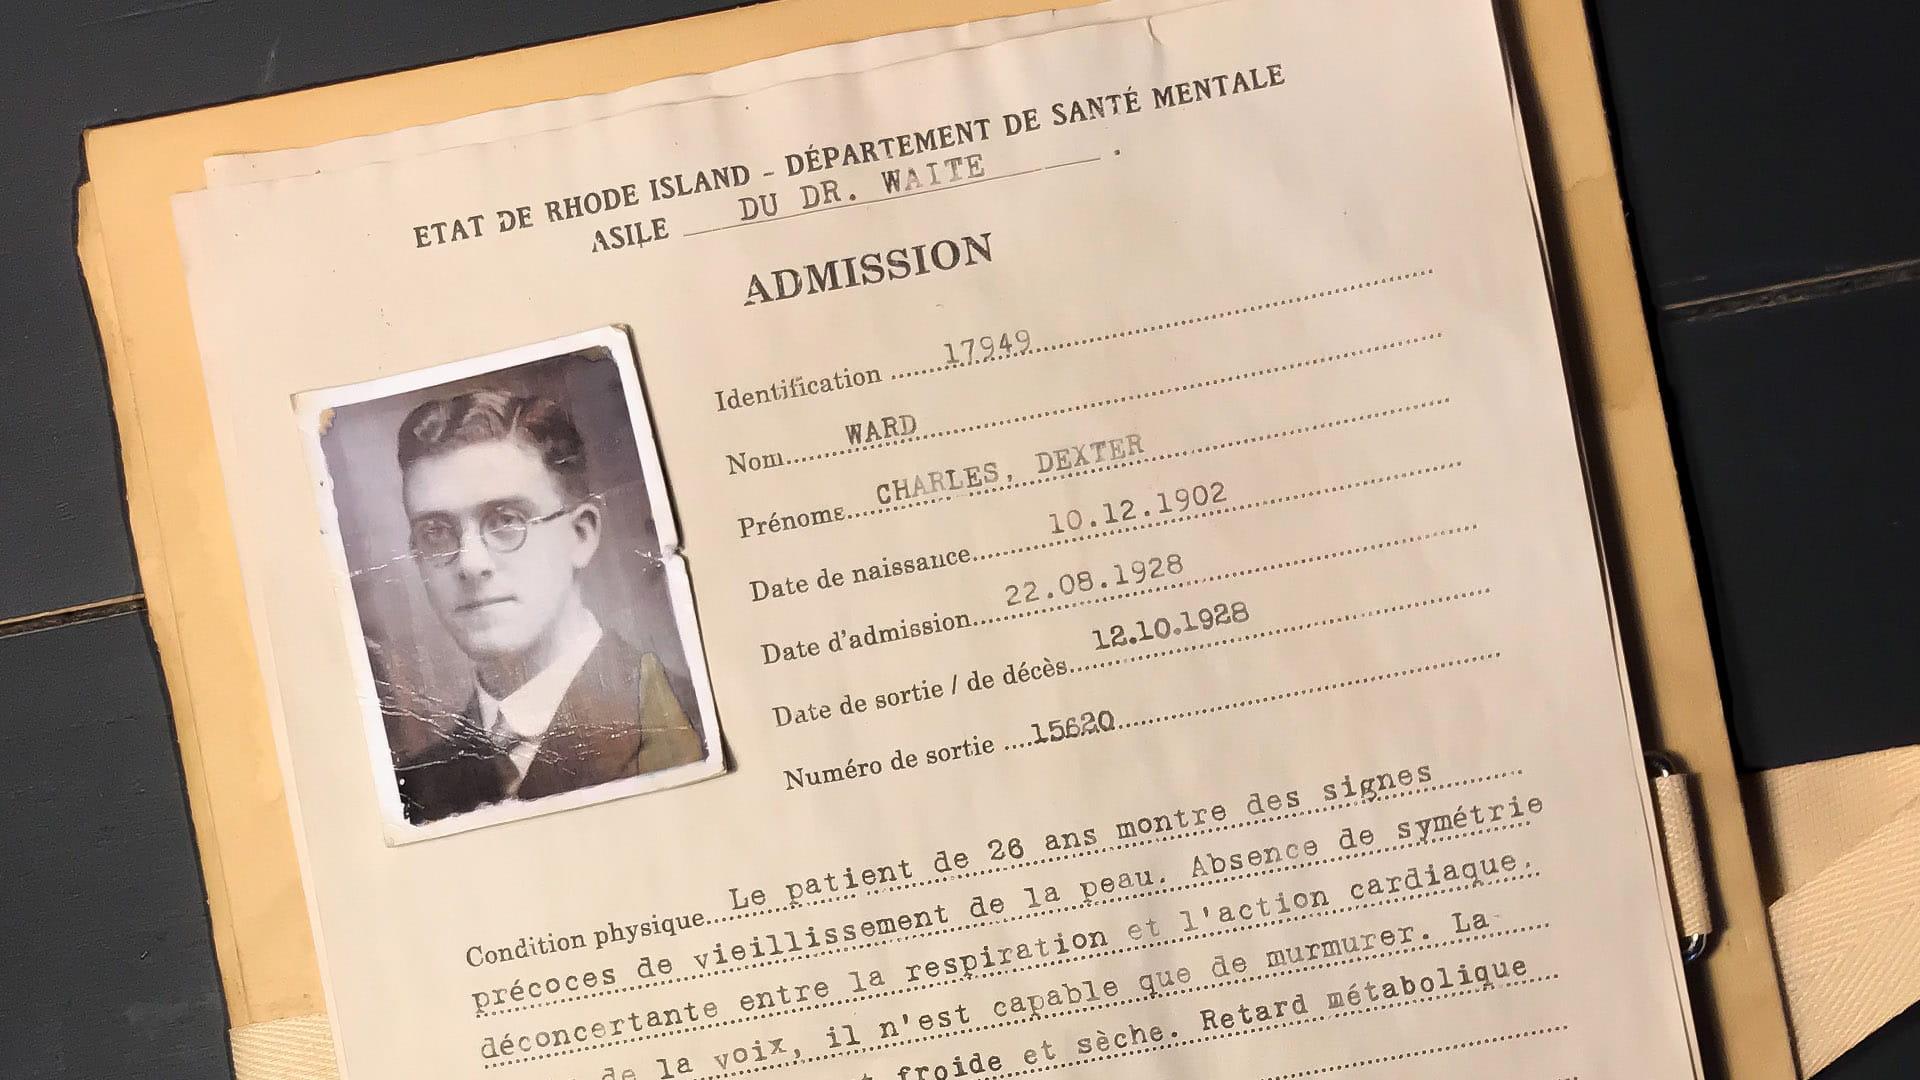 En-tête du faux dossier de patient posé sur un dossier cartonné vieilli